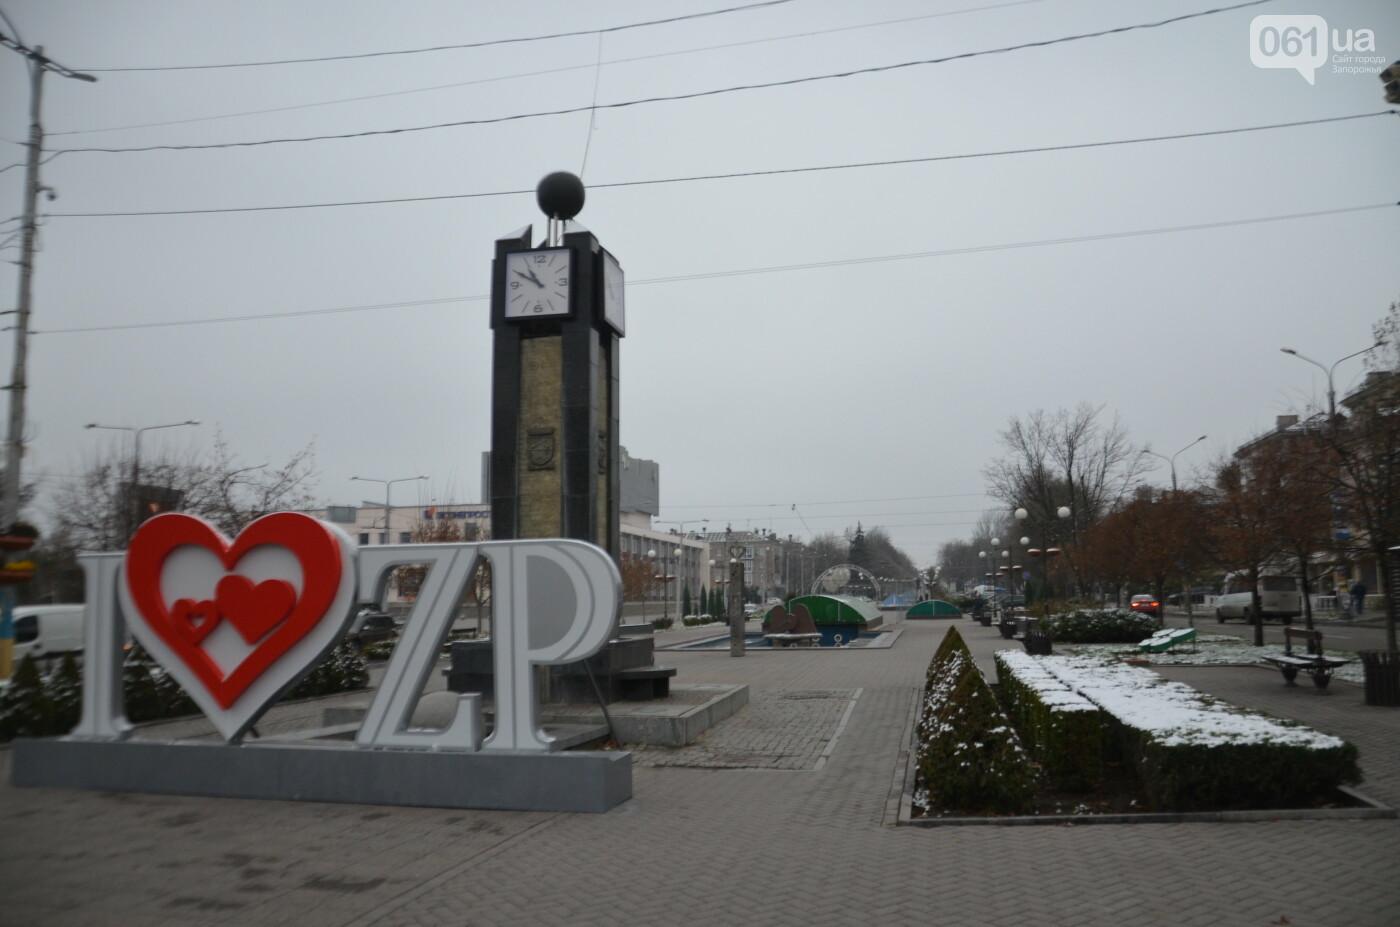 В Запорожье на бульваре Шевченко начали монтировать новогодний городок на БШ за 1,8 миллиона гривен, фото-6